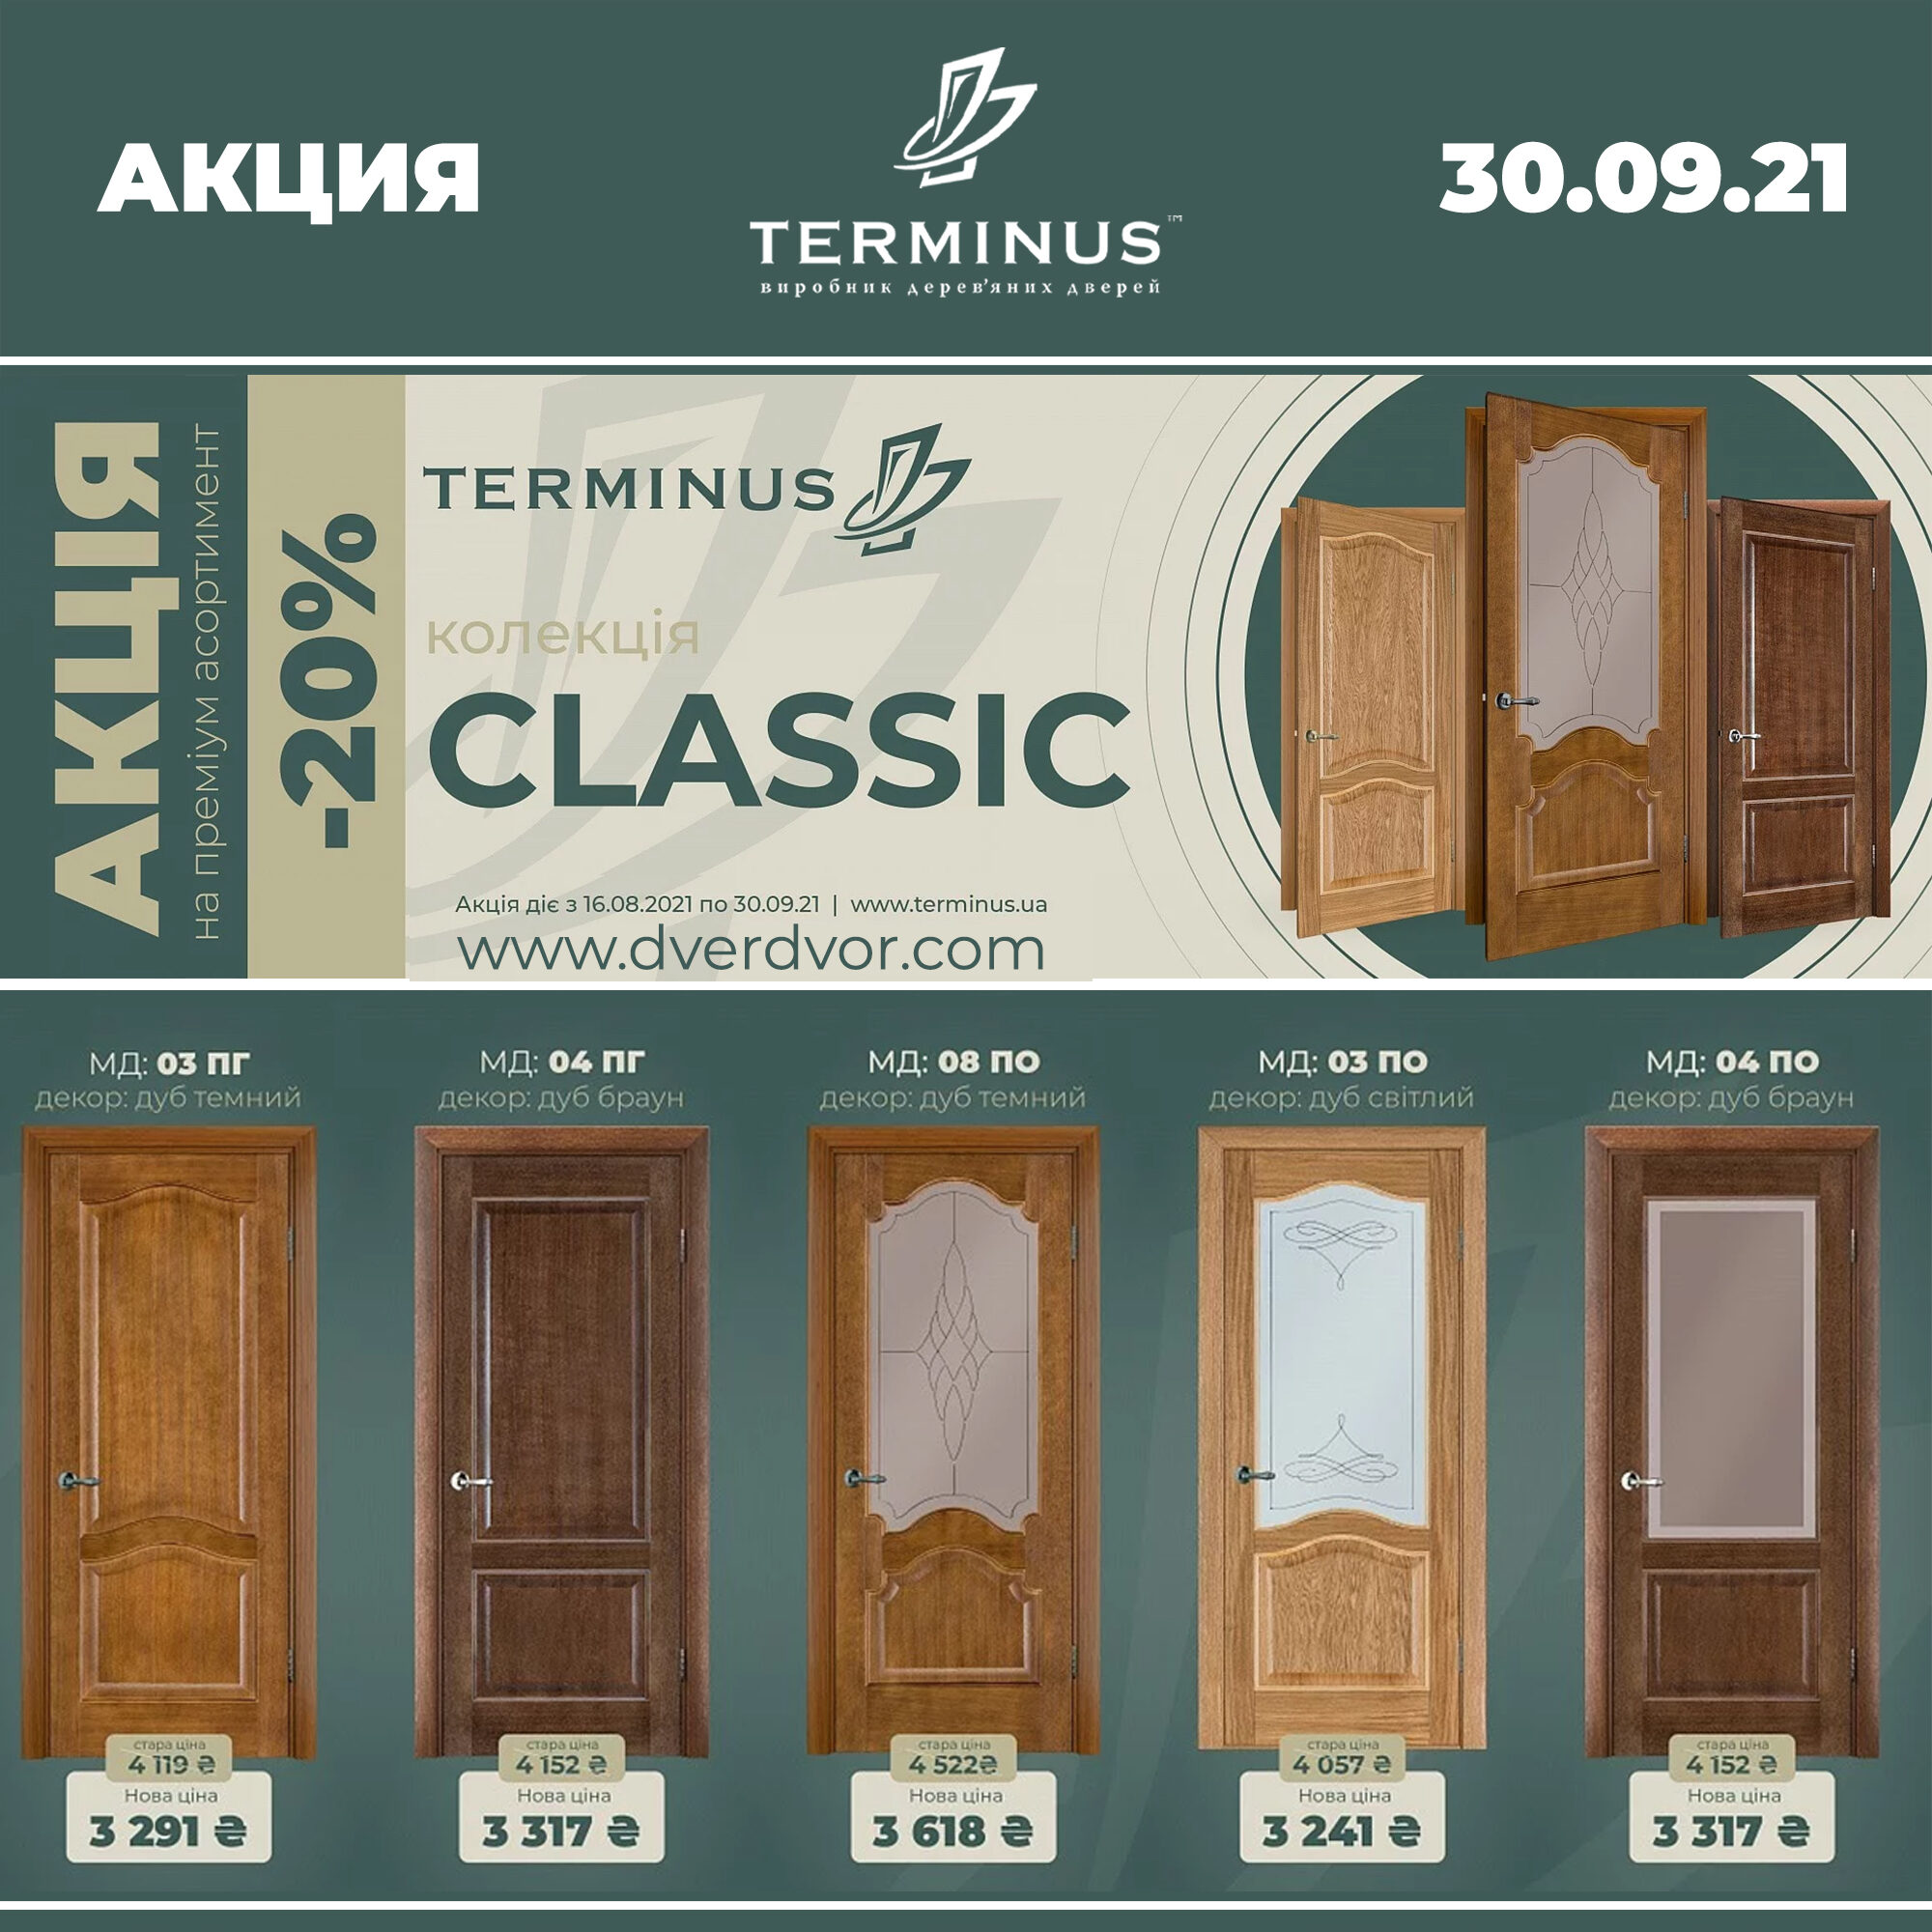 30.09.2021 Terminus Classic